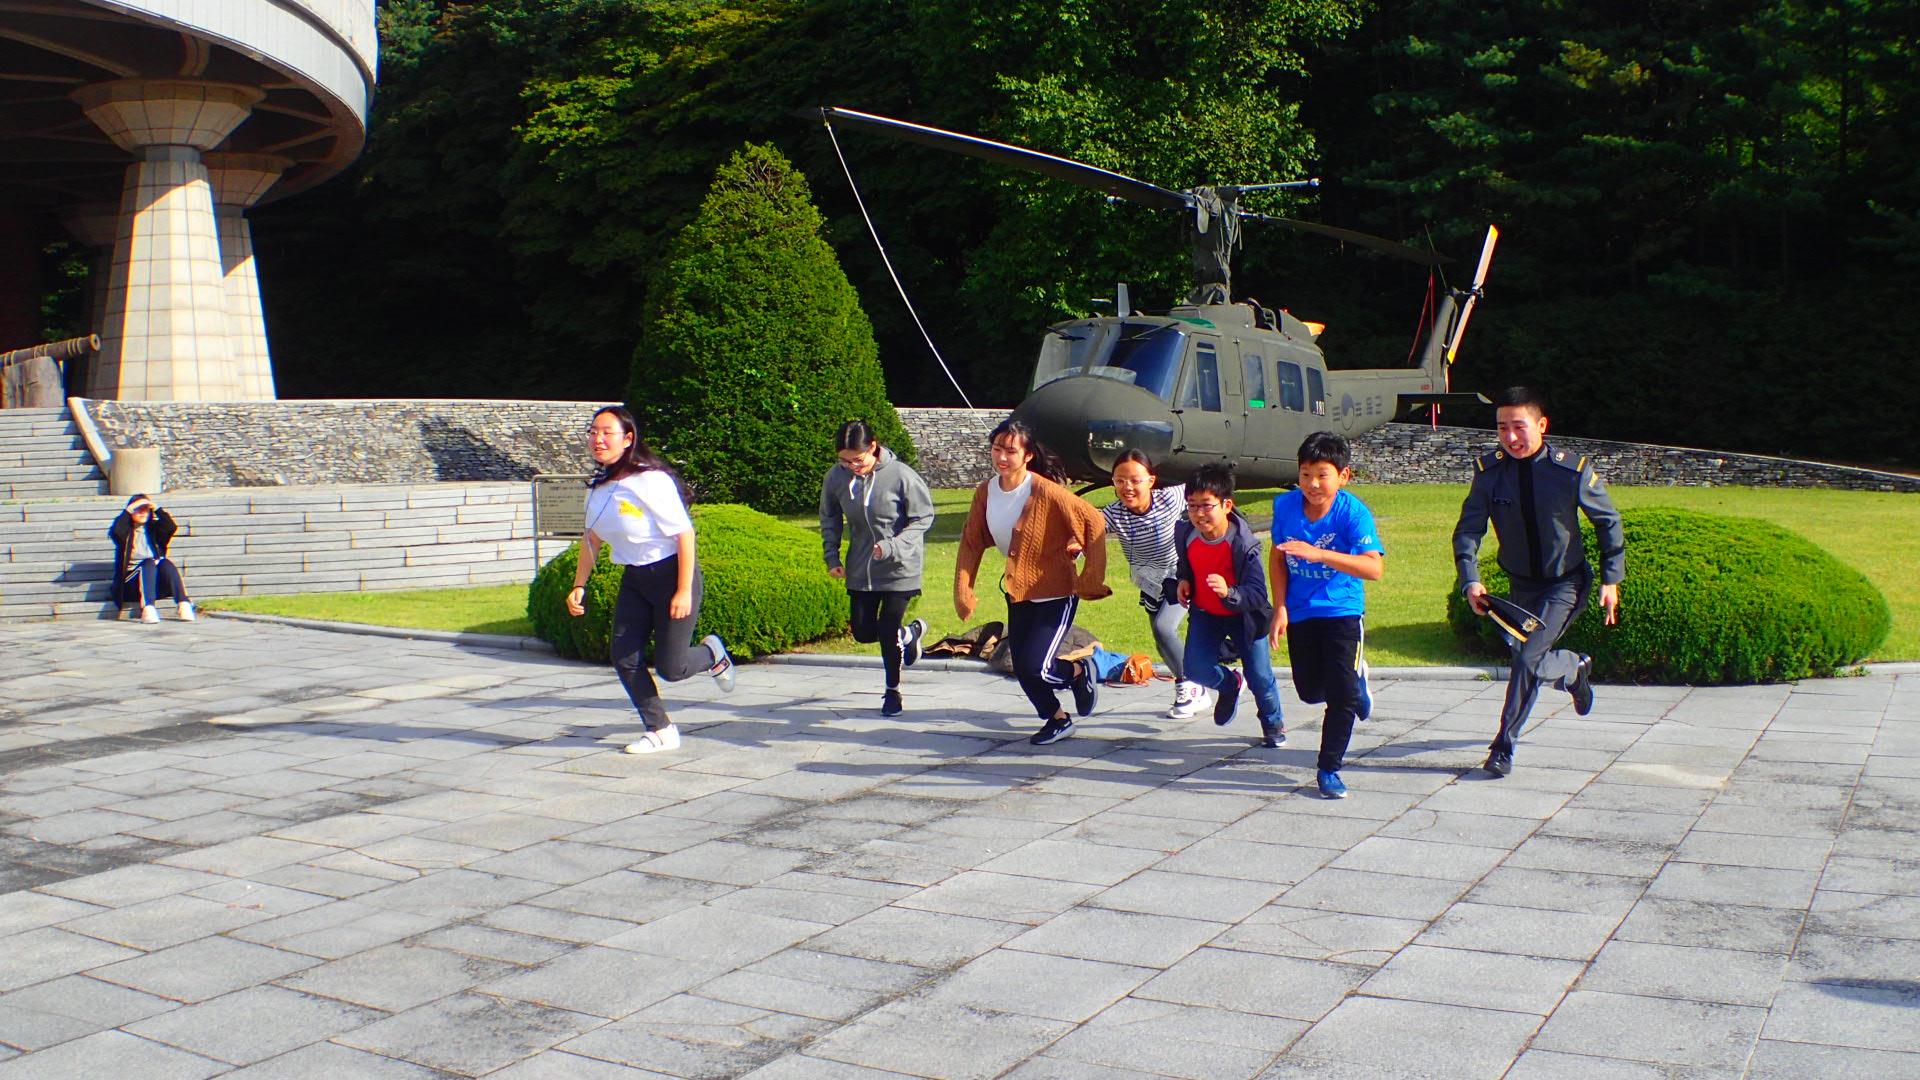 2019.10.12 - 2차 진로체험학습(태릉역사탐방-육군사관학교 견학)